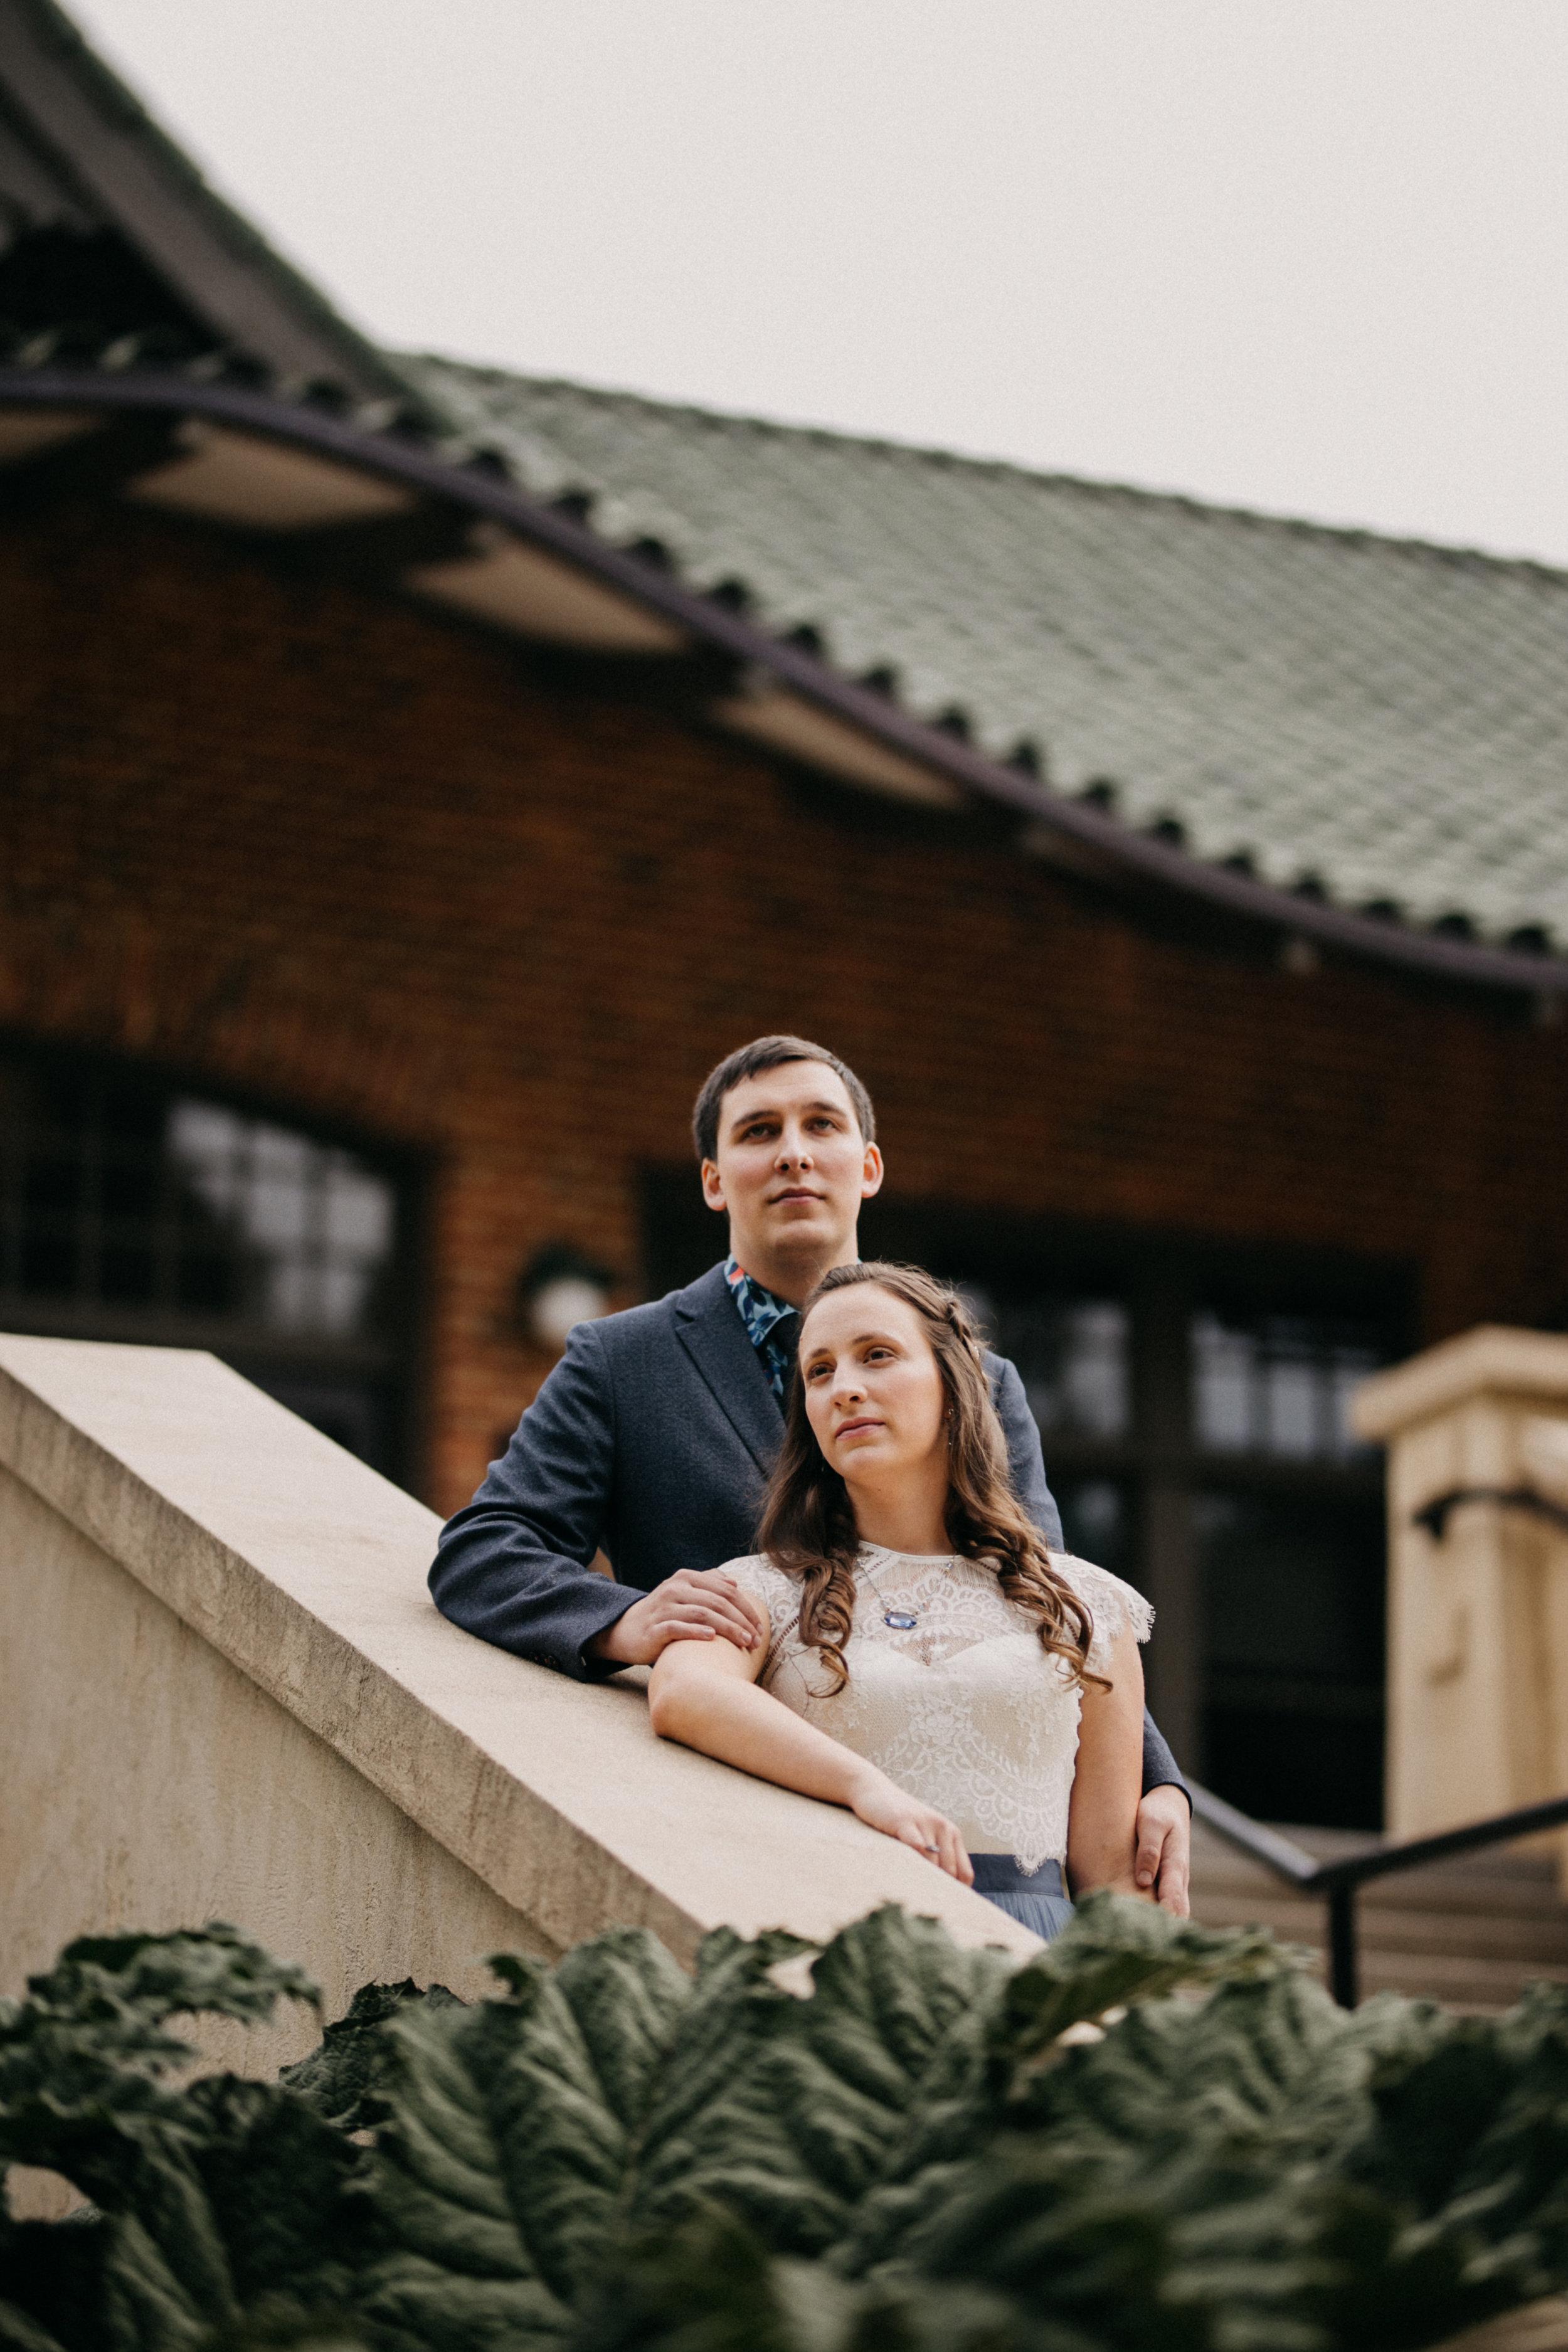 PointDefianceRoseGarden_Wedding_Stuberg_Melaphoto-1217.jpg